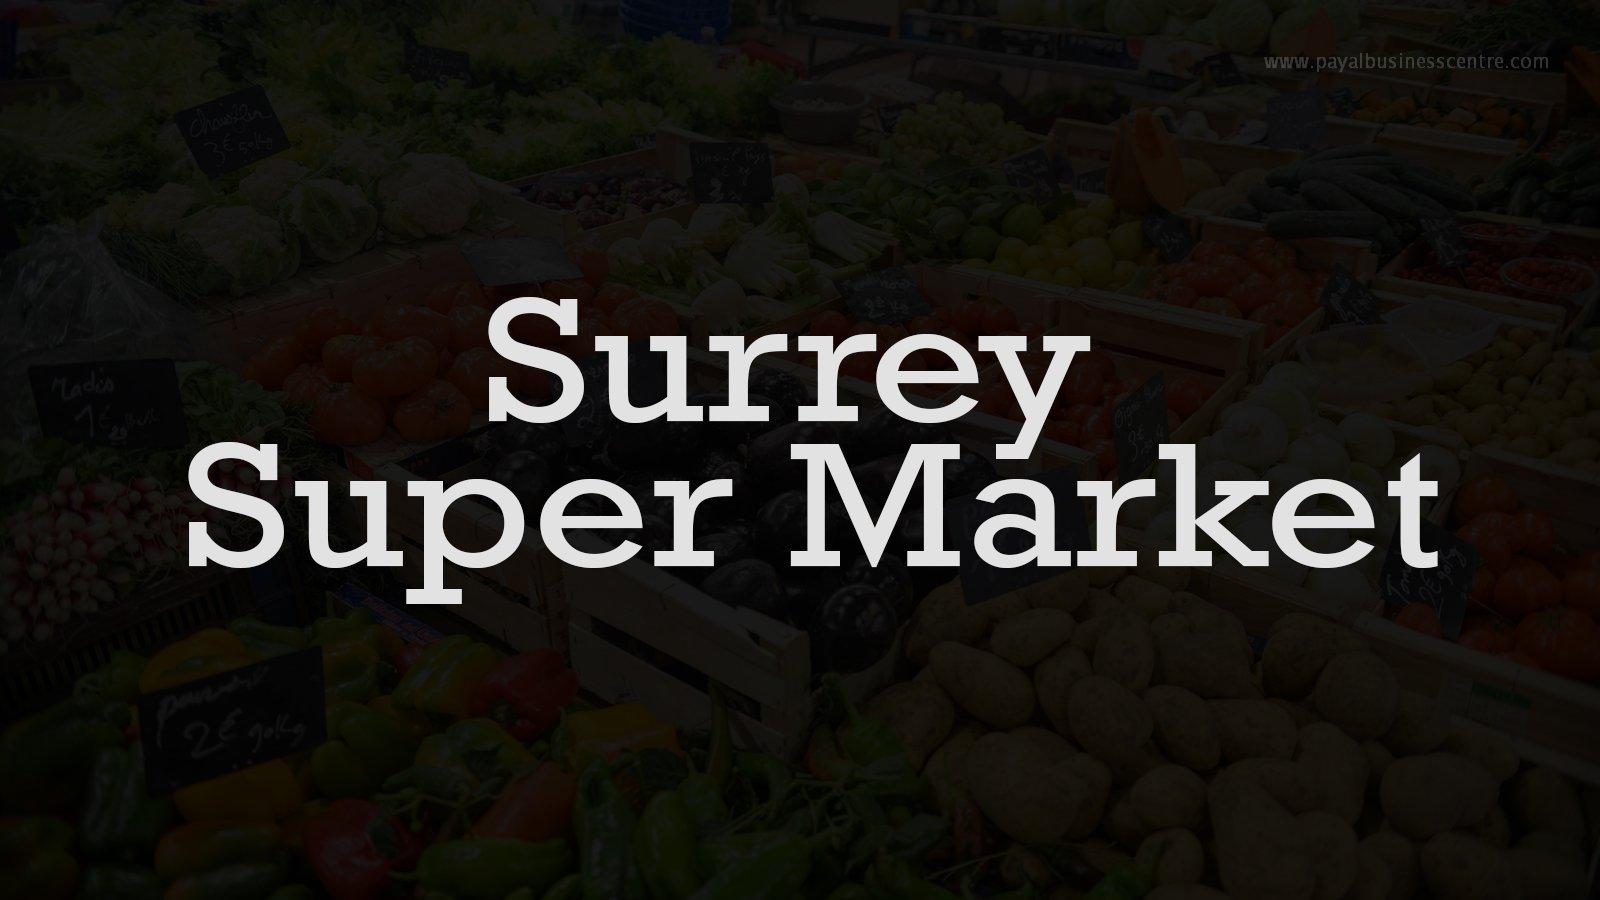 Surrey Super Market